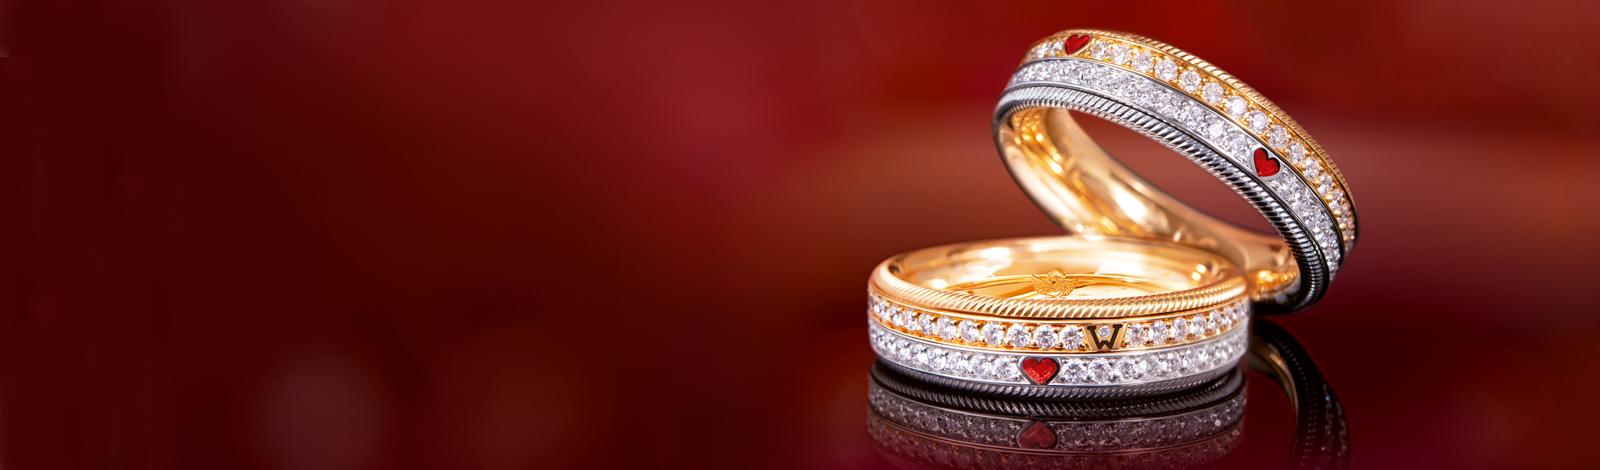 billiger Verkauf üppiges Design detaillierte Bilder Wellendorff - Ringe